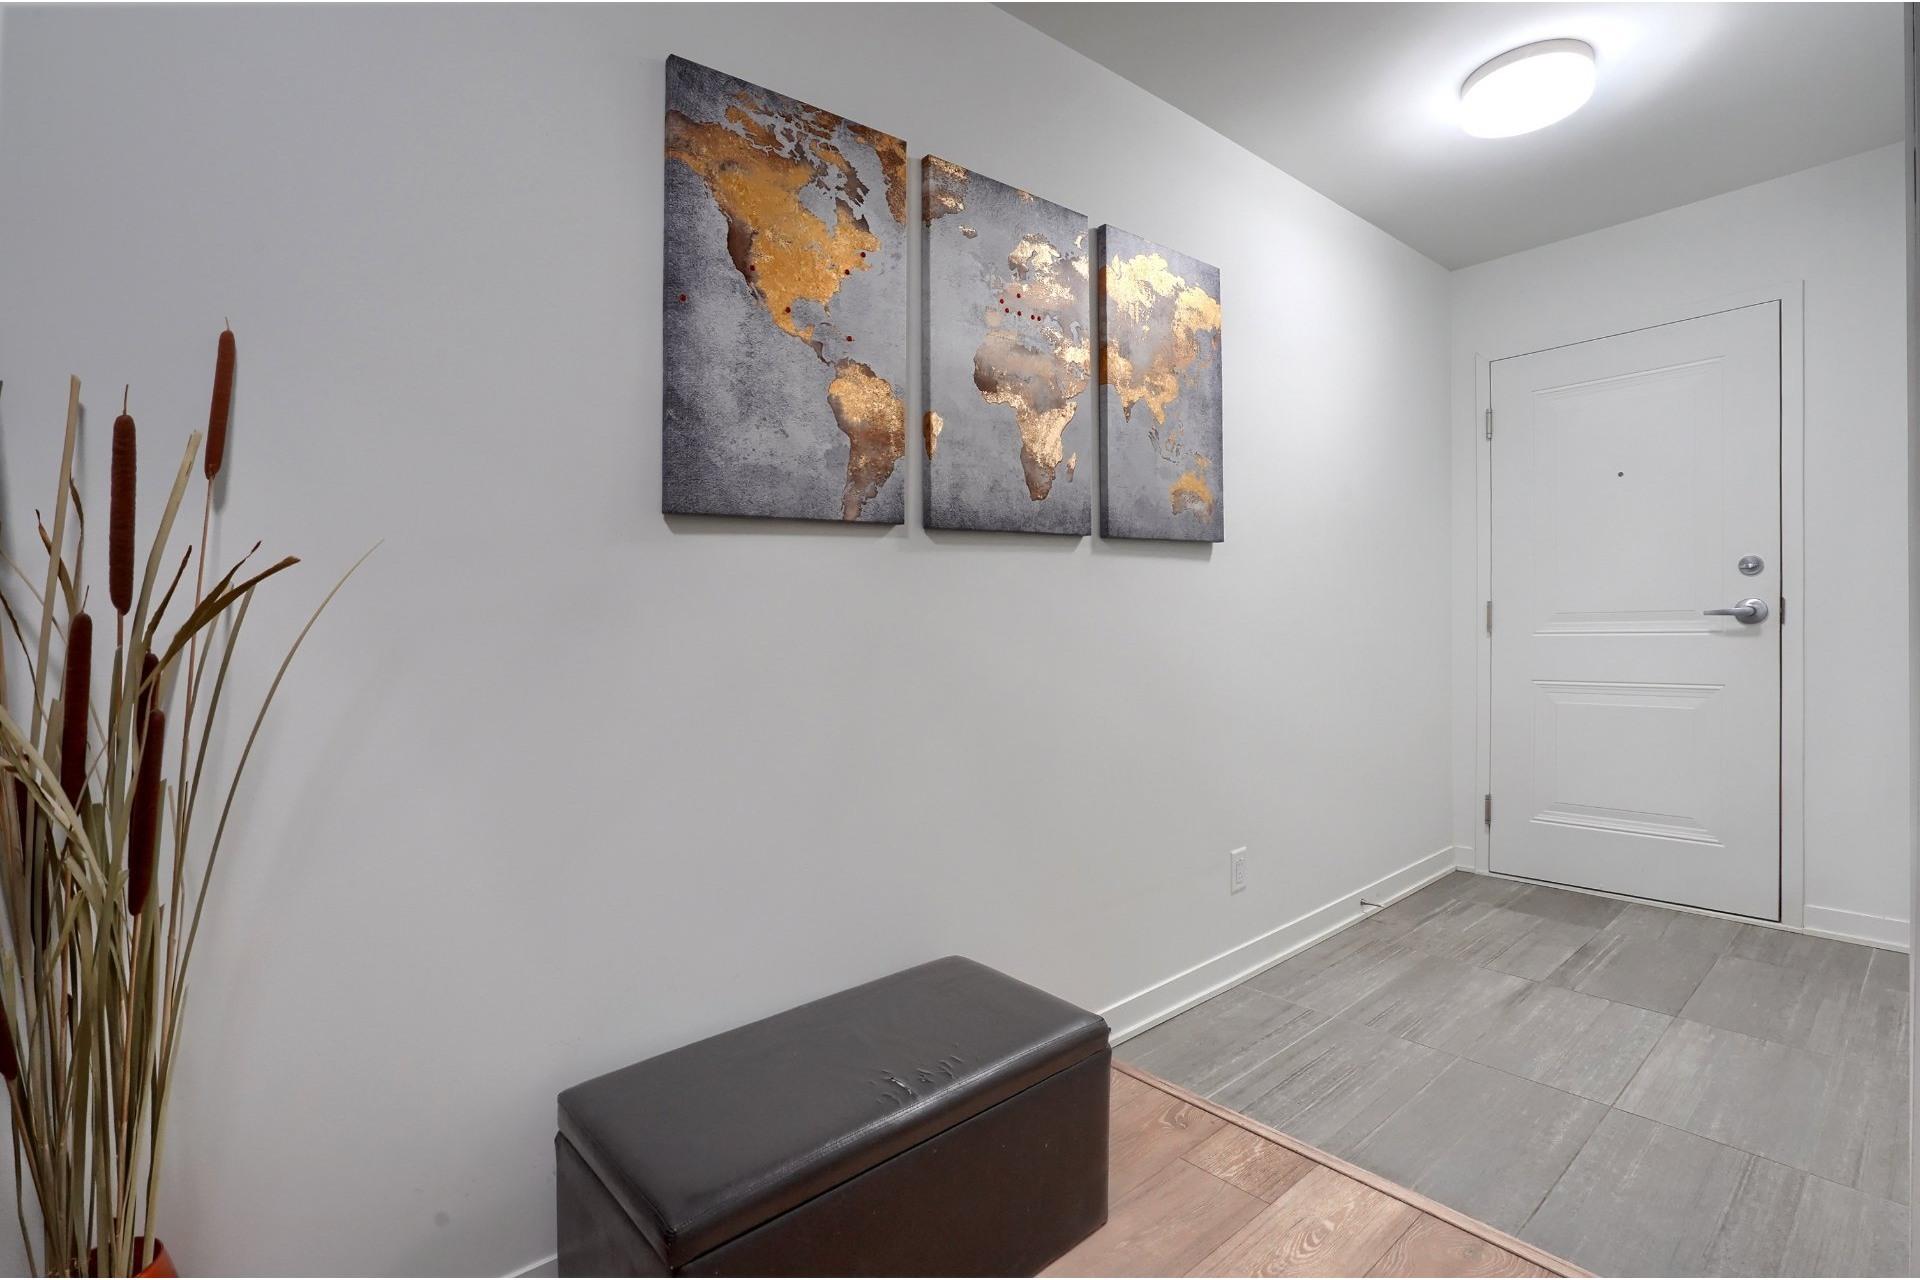 image 2 - Appartement À vendre Brossard - 7 pièces